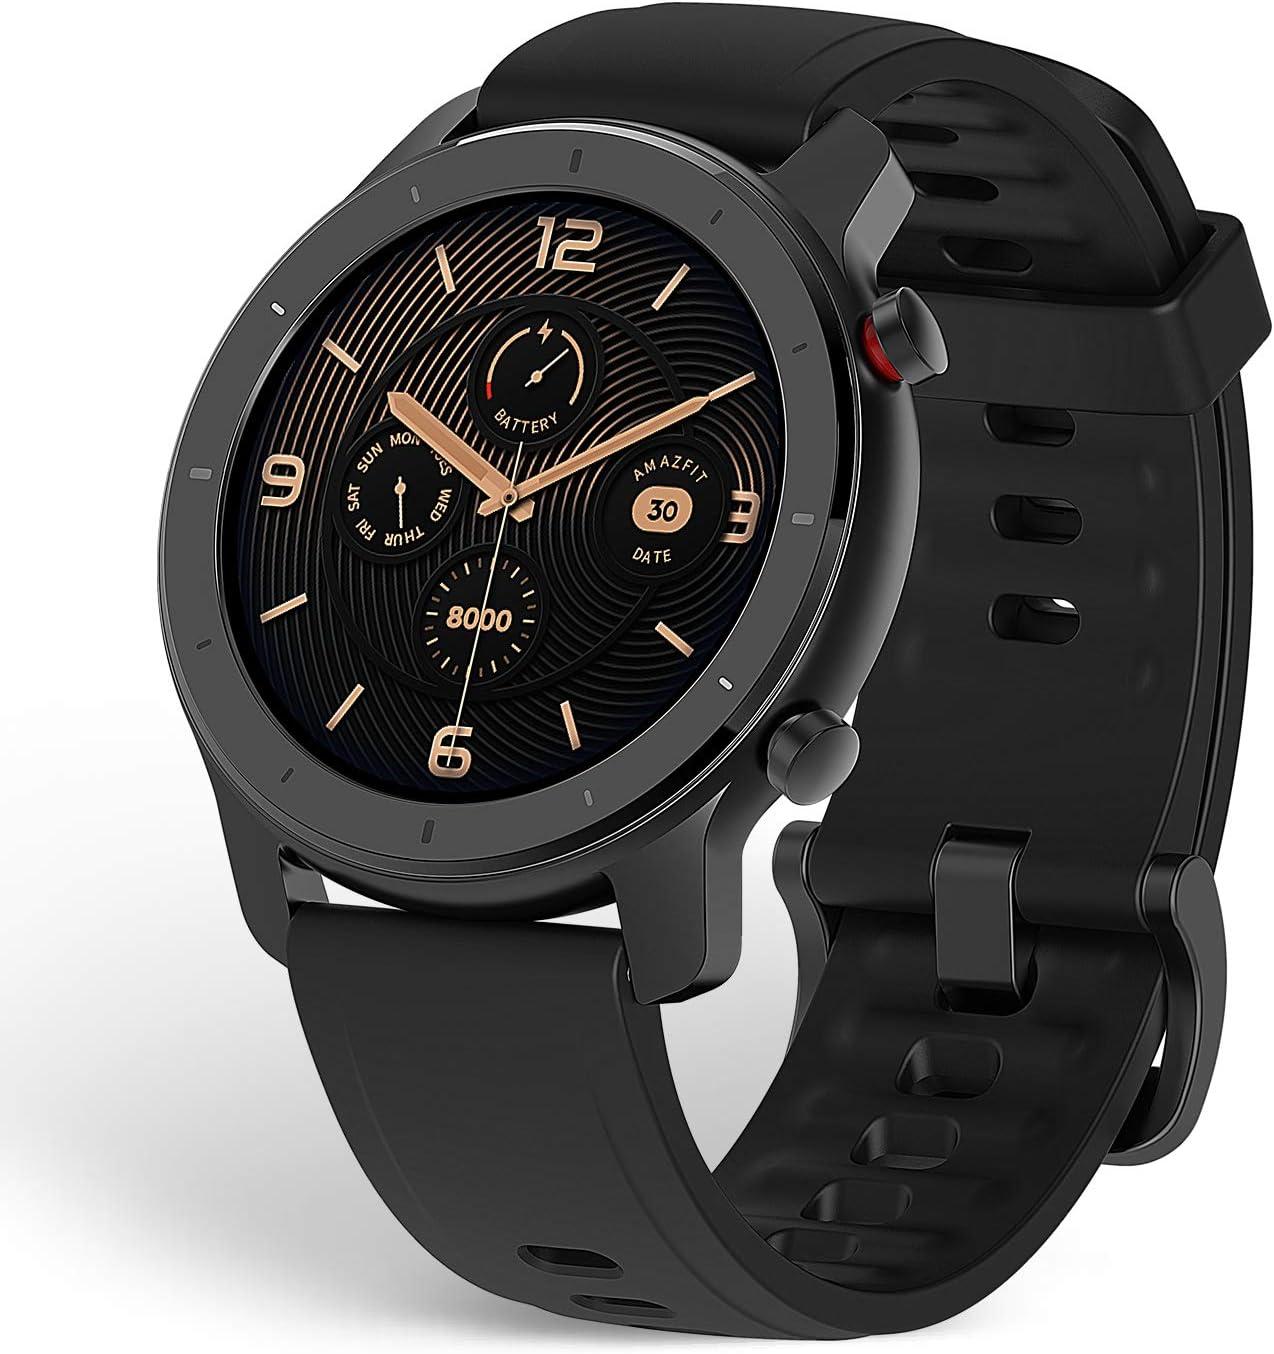 Amazfit GTR 42mm - Reloj Inteligente con frecuencia cardíaca y Seguimiento de Actividad, batería de Larga duración, Negro